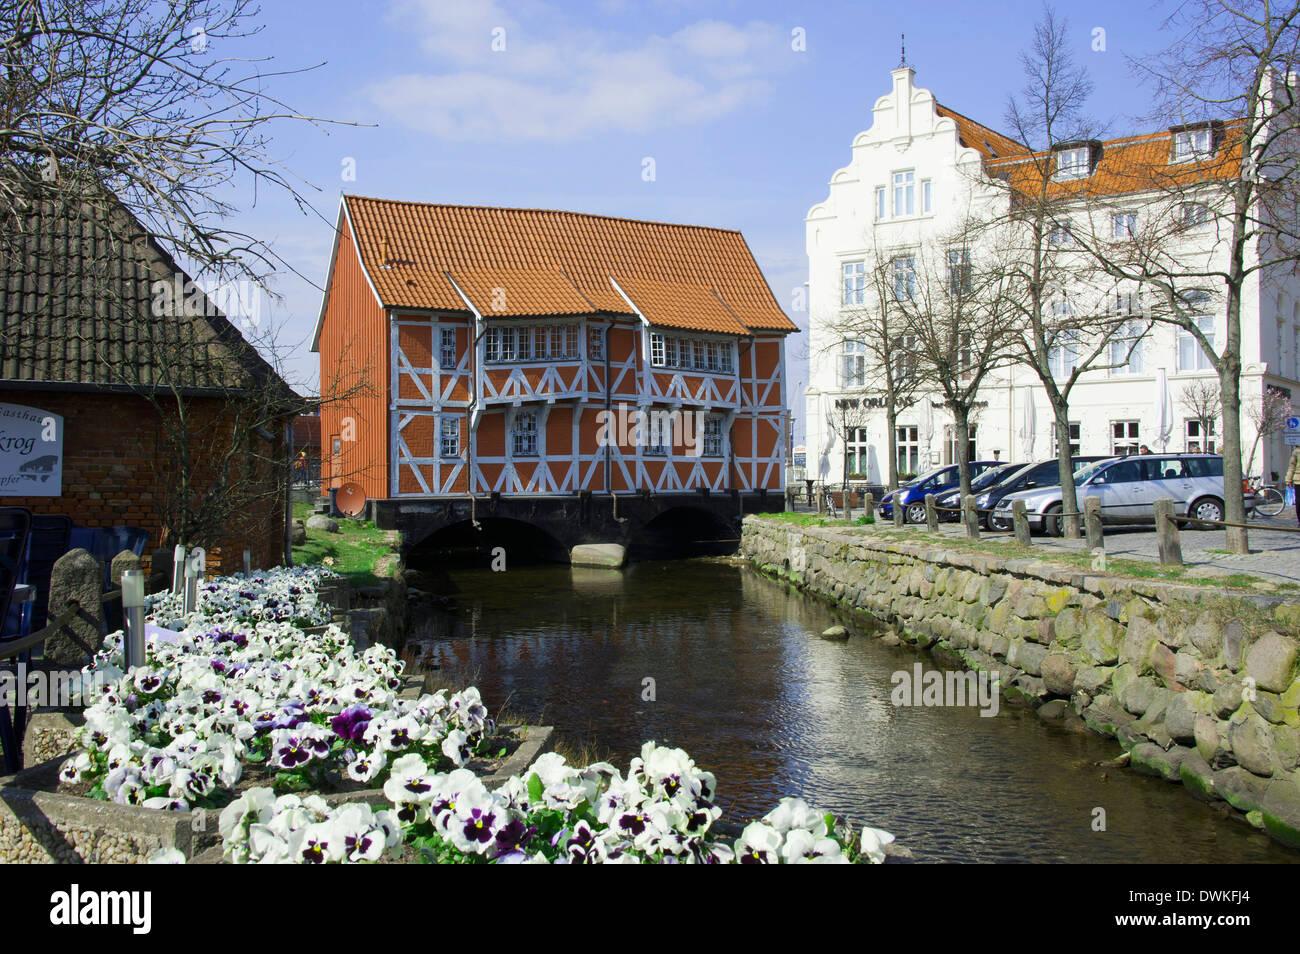 Gewolbe, Wismar - Stock Image